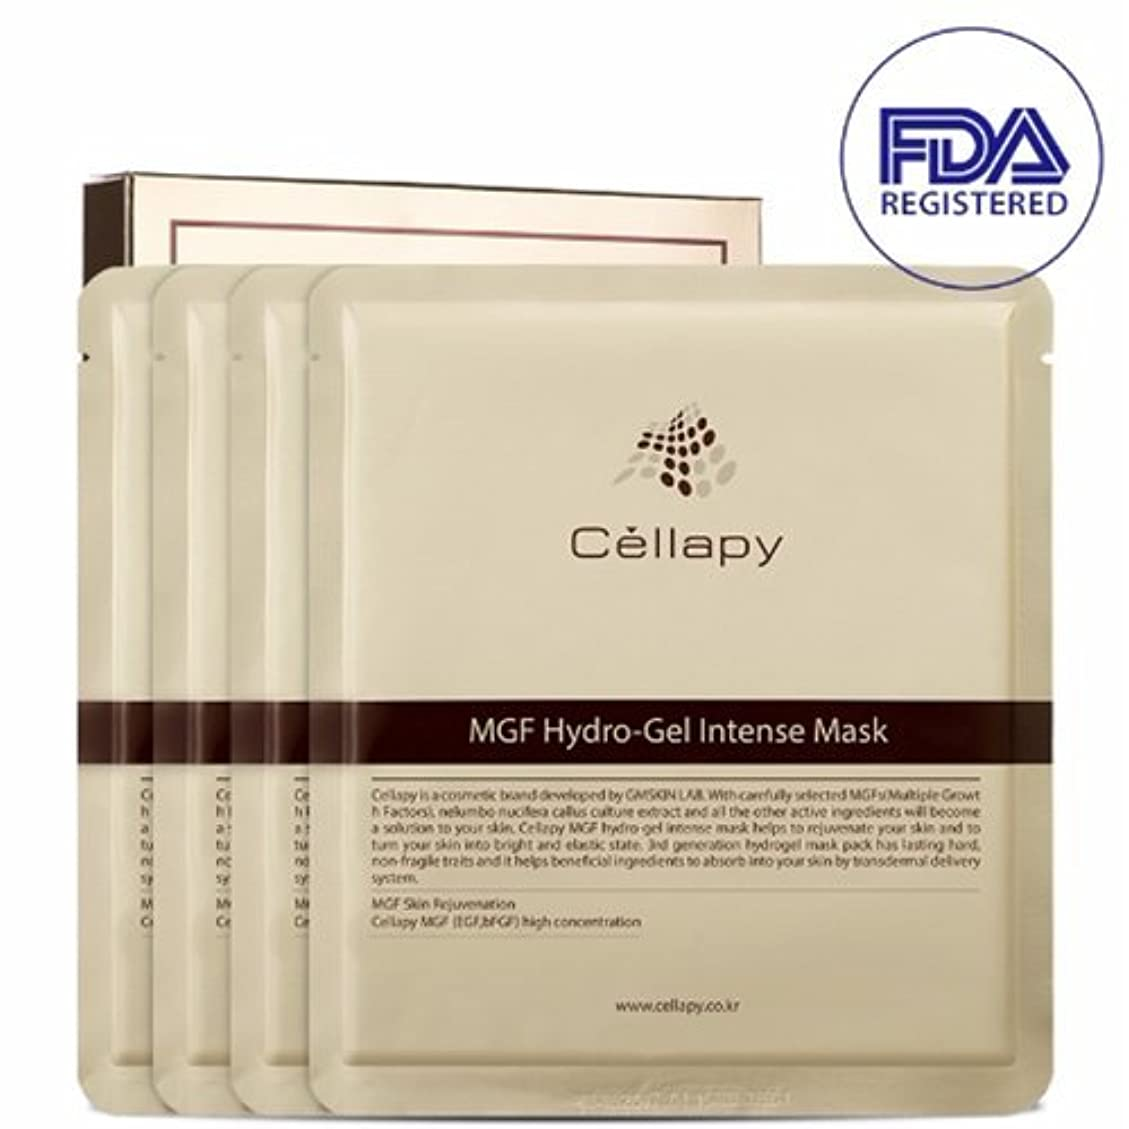 上がるハック色合いセルラピ MGFハイドロゲルインテンスマスクシート25g*4枚セット[並行輸入品] / Cellapy MGF Hydro-Gel Intense Mask Sheet 25g 4pcs Set for Irritable, Sensitive & Dry skin